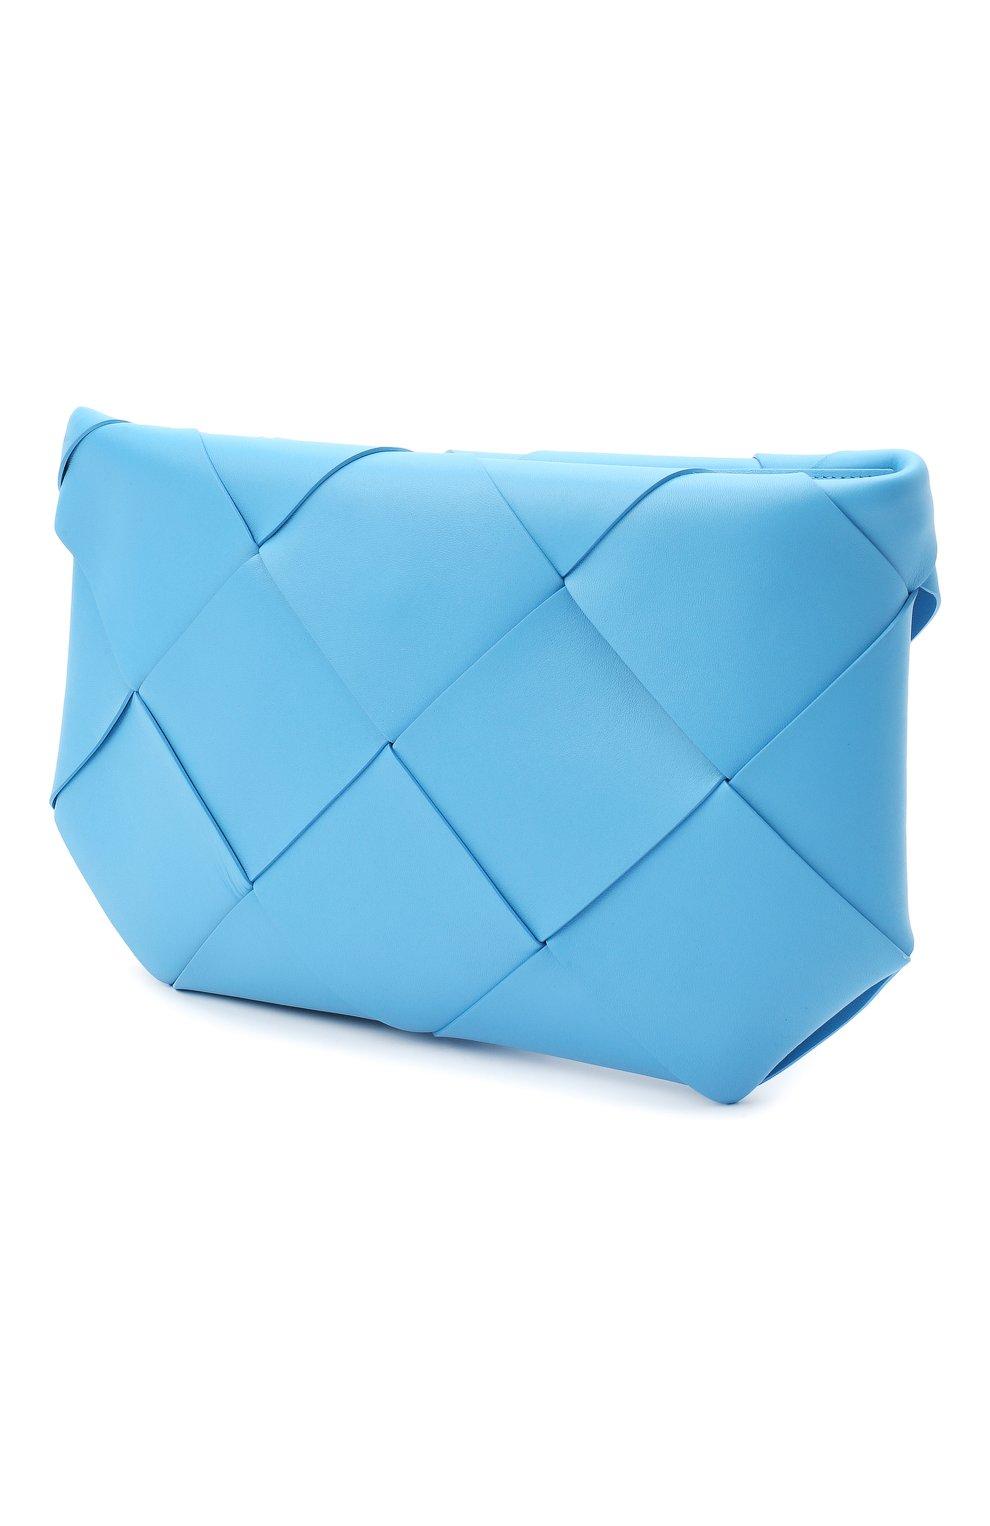 Женская кожаная косметичка BOTTEGA VENETA синего цвета, арт. 577771/VMAY4 | Фото 2 (Материал: Кожа)